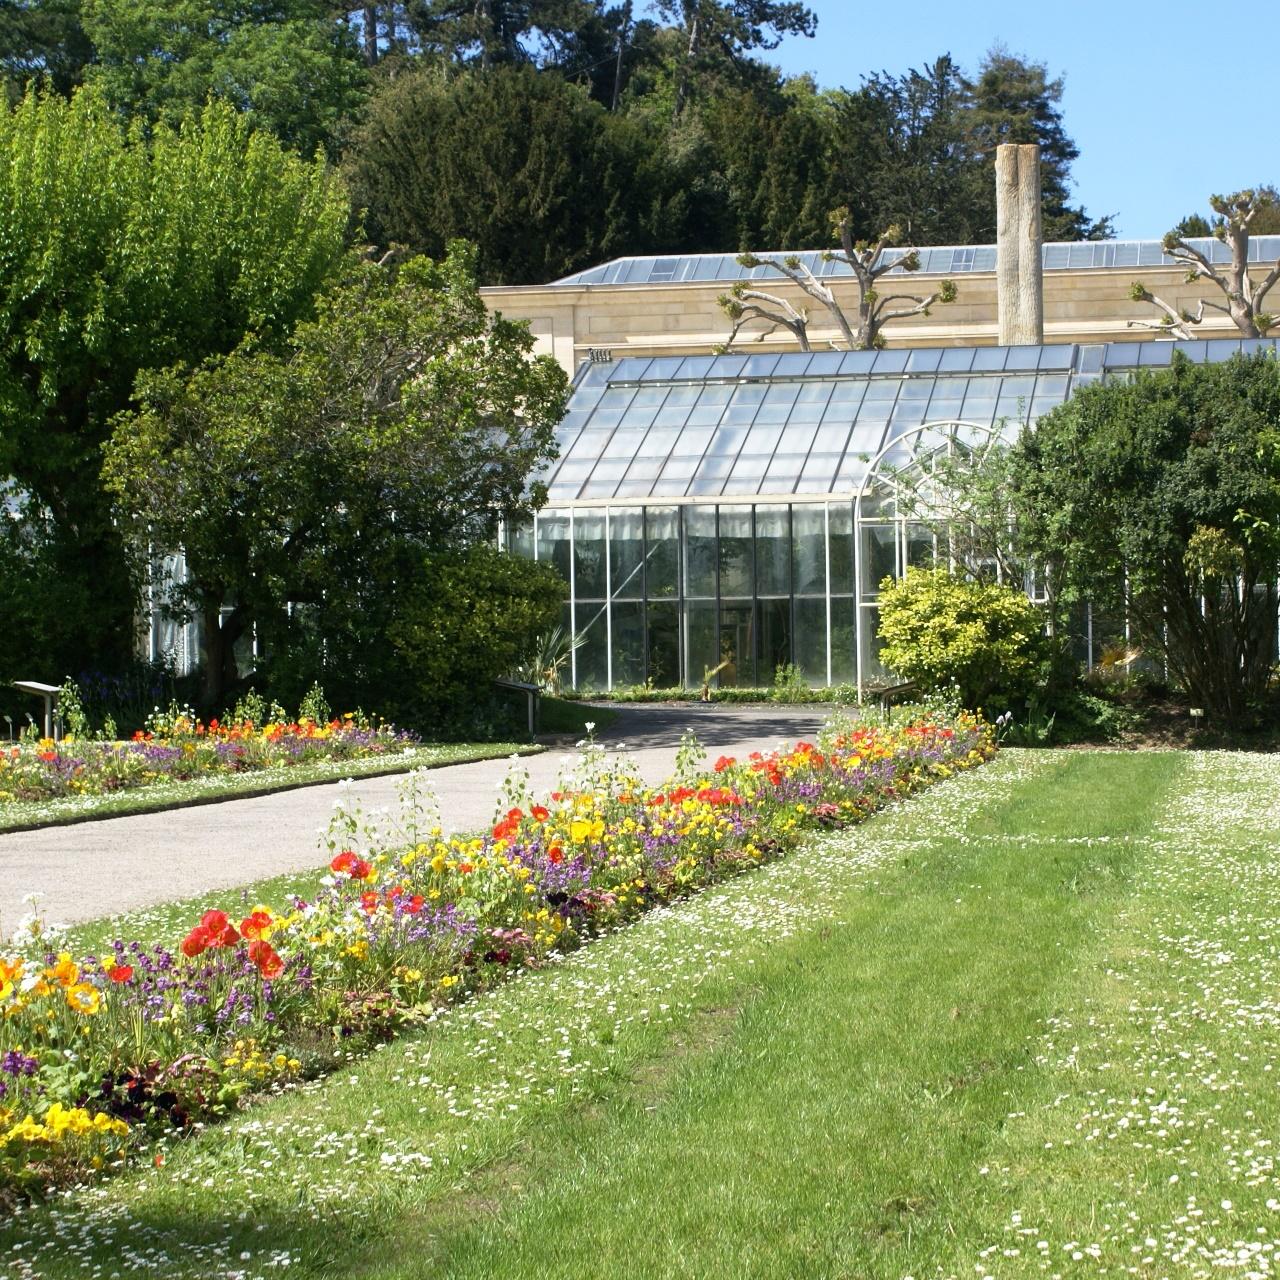 Jardin Botanique de Caen, Normandy